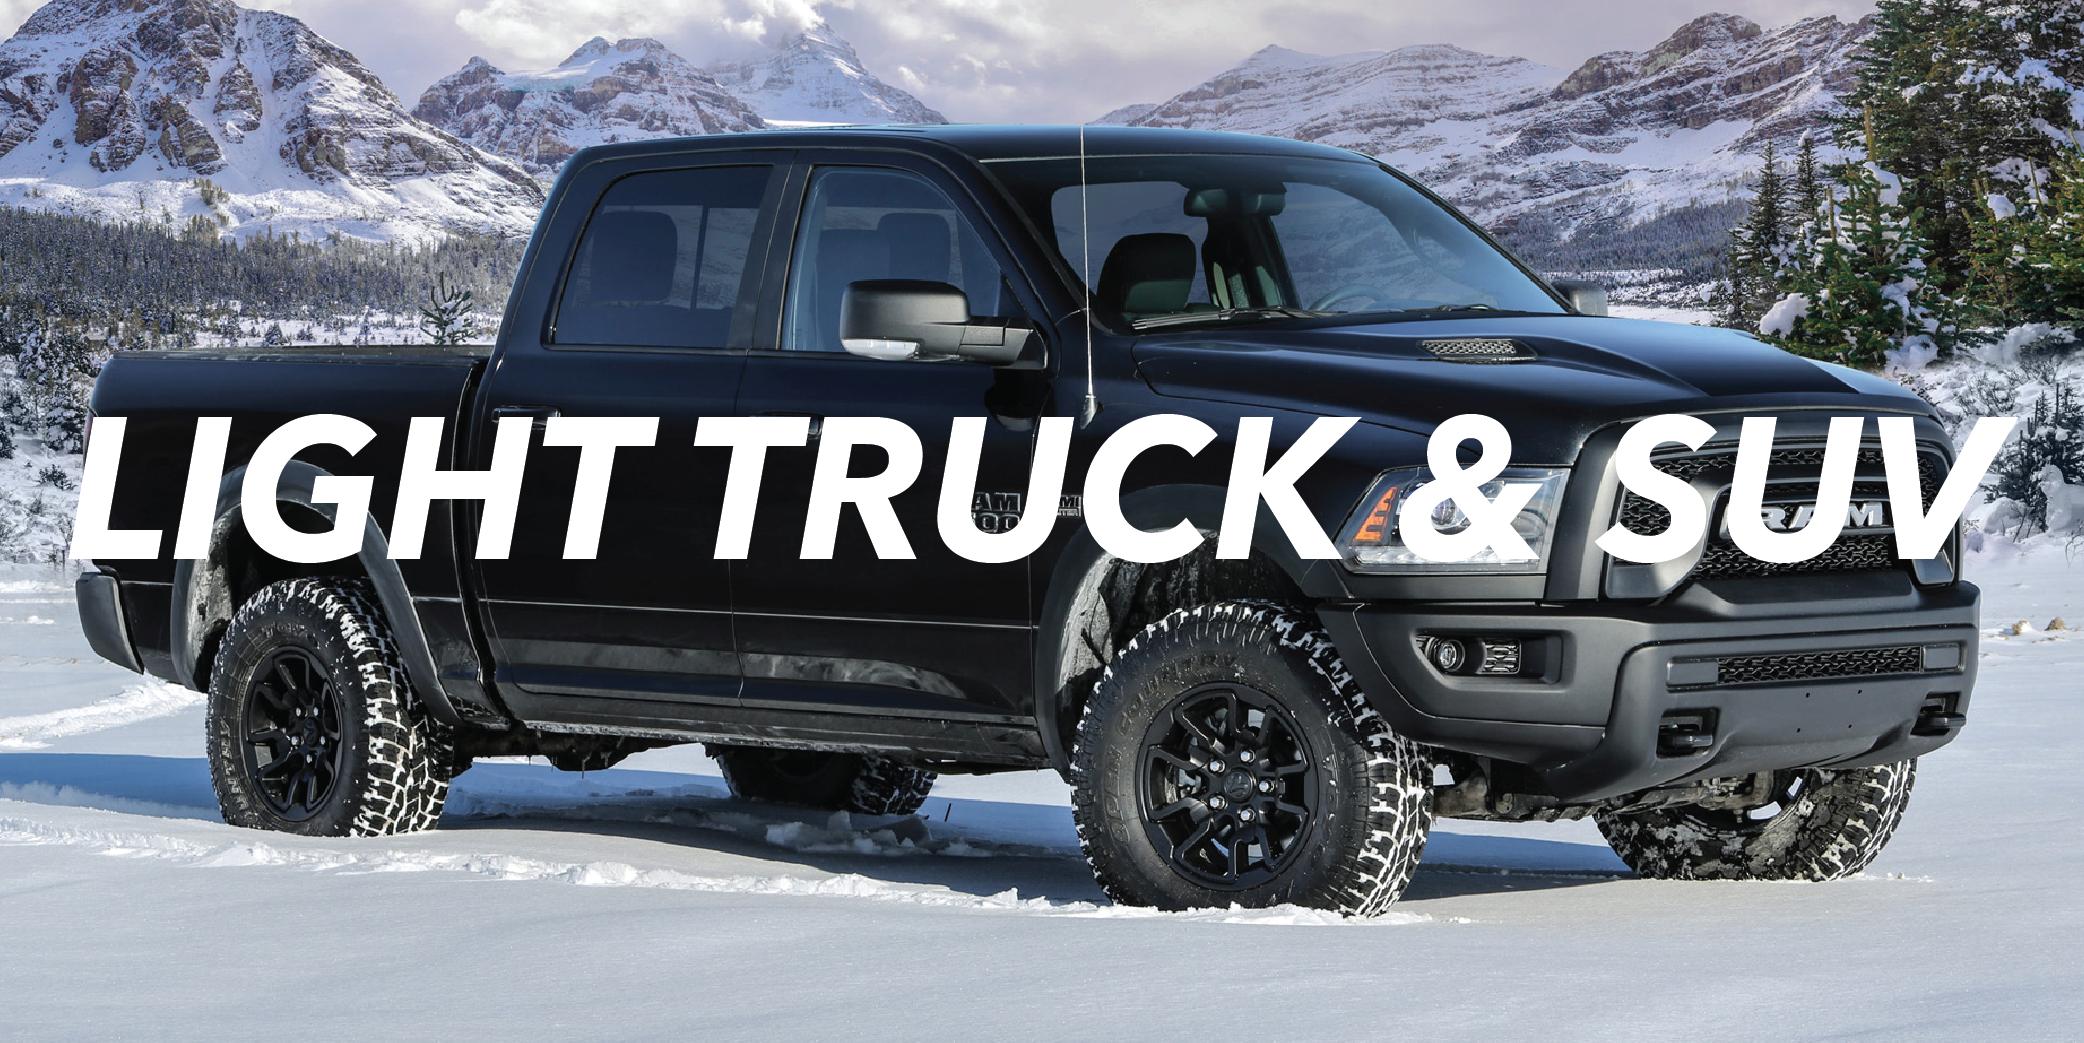 Light Truck & SUV